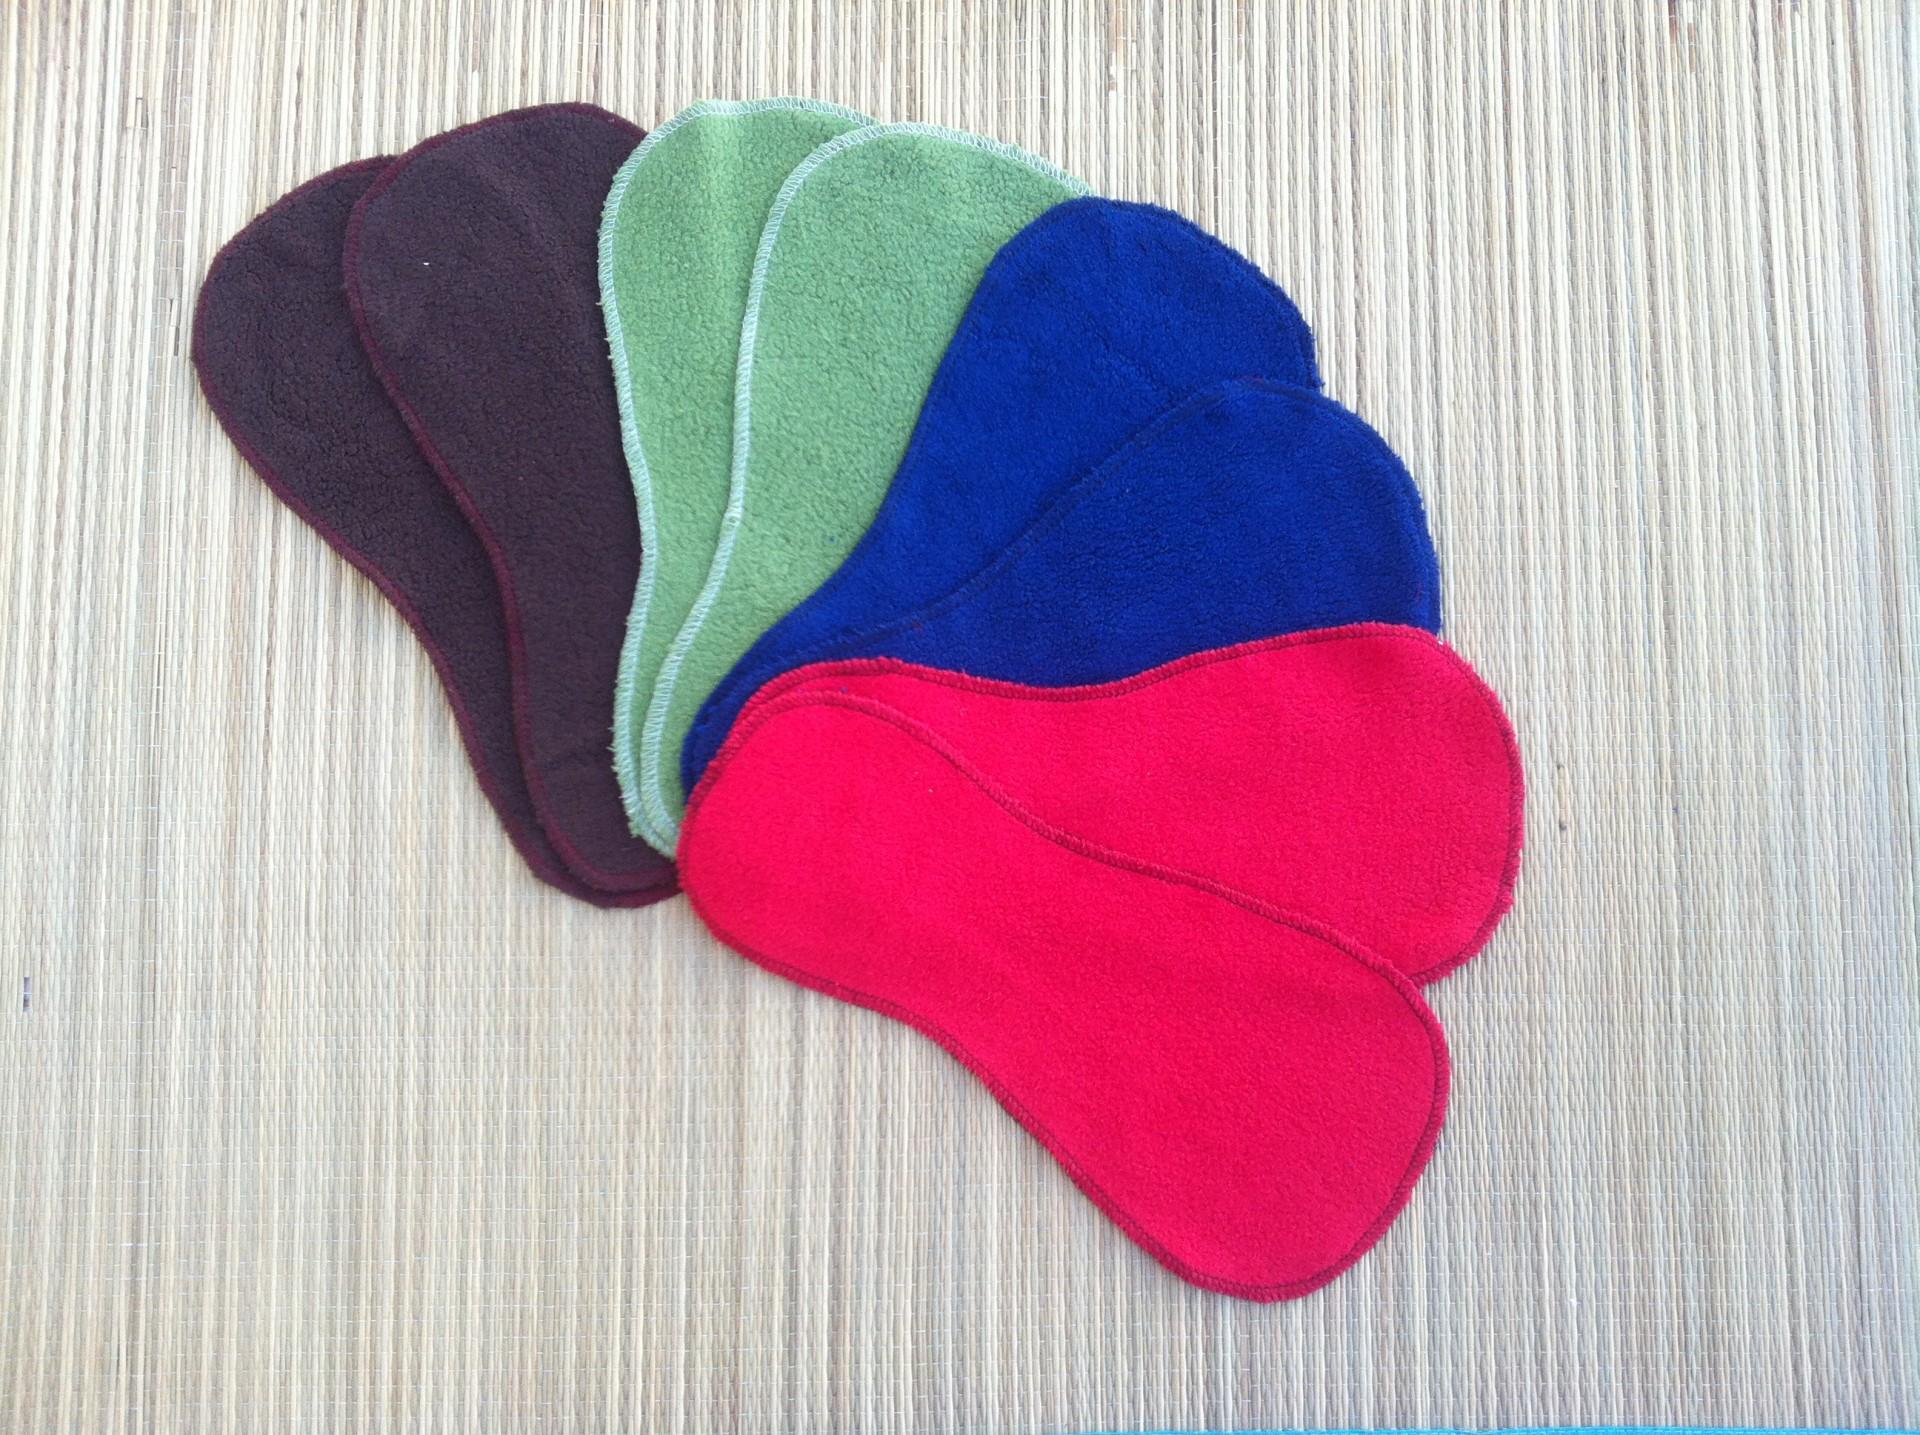 Liner para fraldas reutilizáveis de fleece de algodão stay dry /stay dry reusable liner cotton fleece